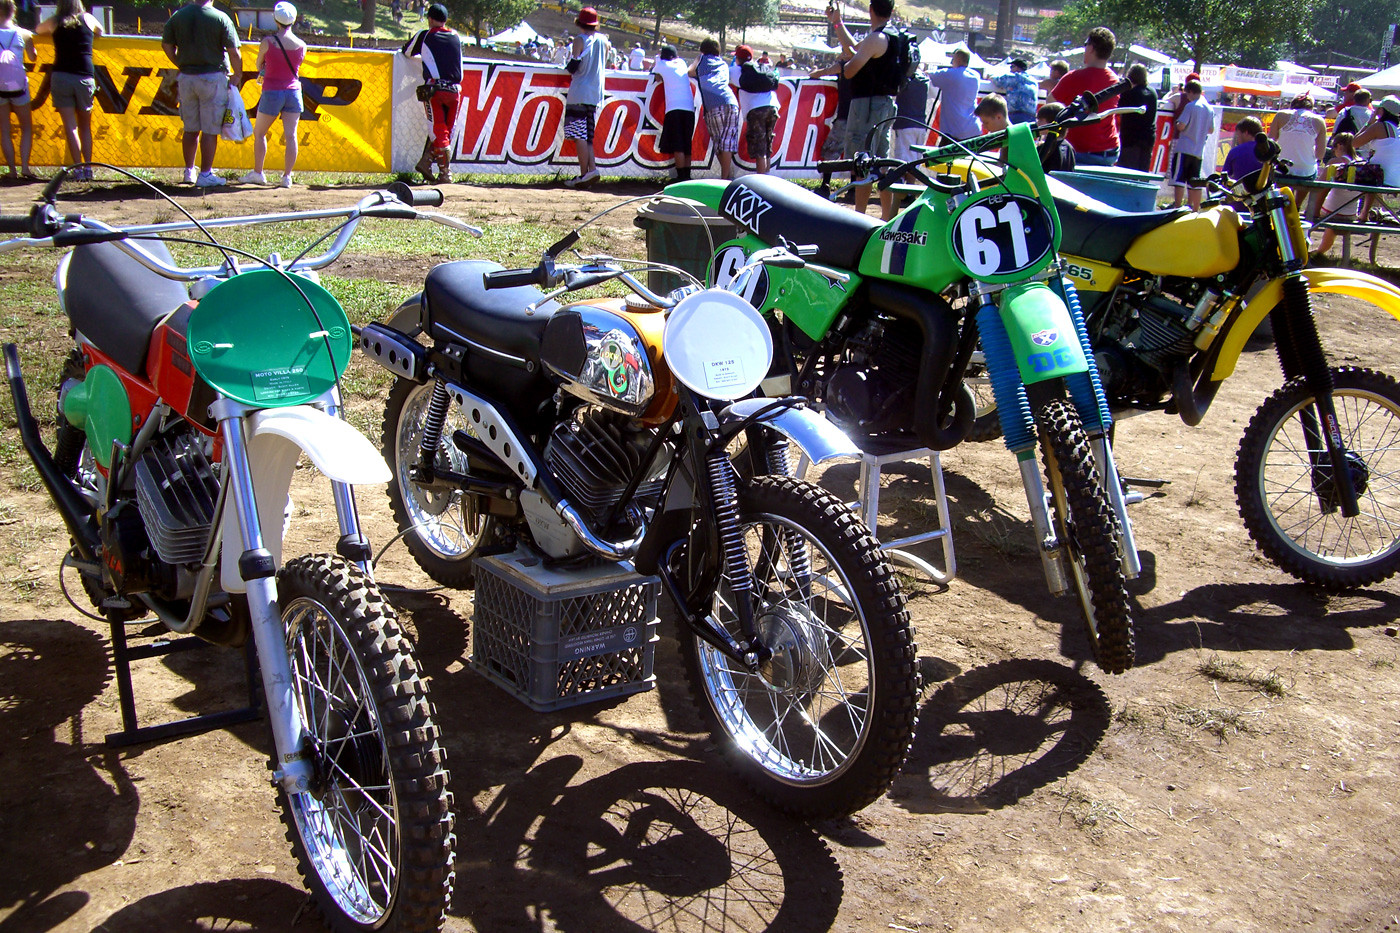 vintage bikes - TimbuK758 - Motocross Pictures - Vital MX